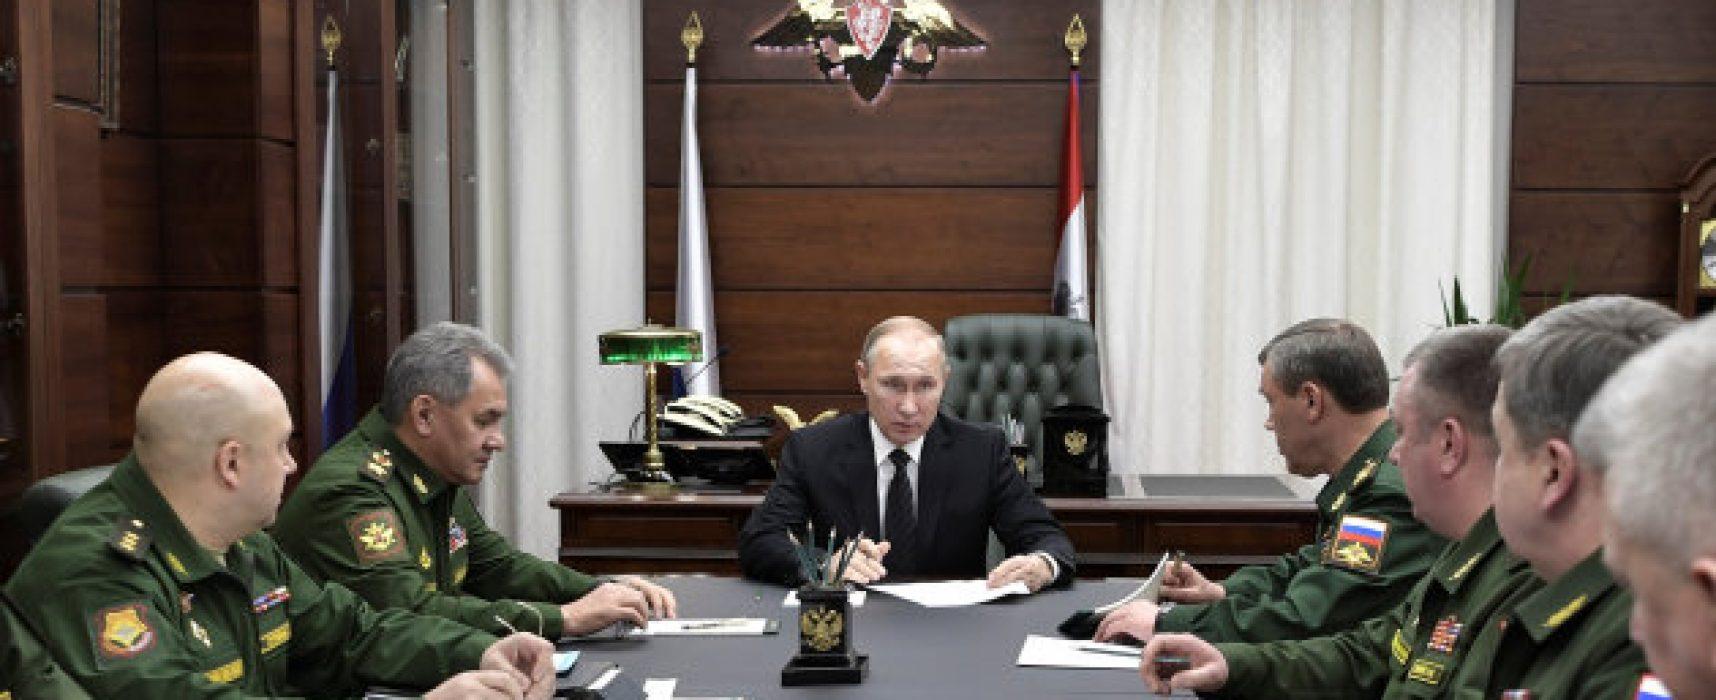 Répondre à l'attaque russe contre notre démocratie et nos valeurs